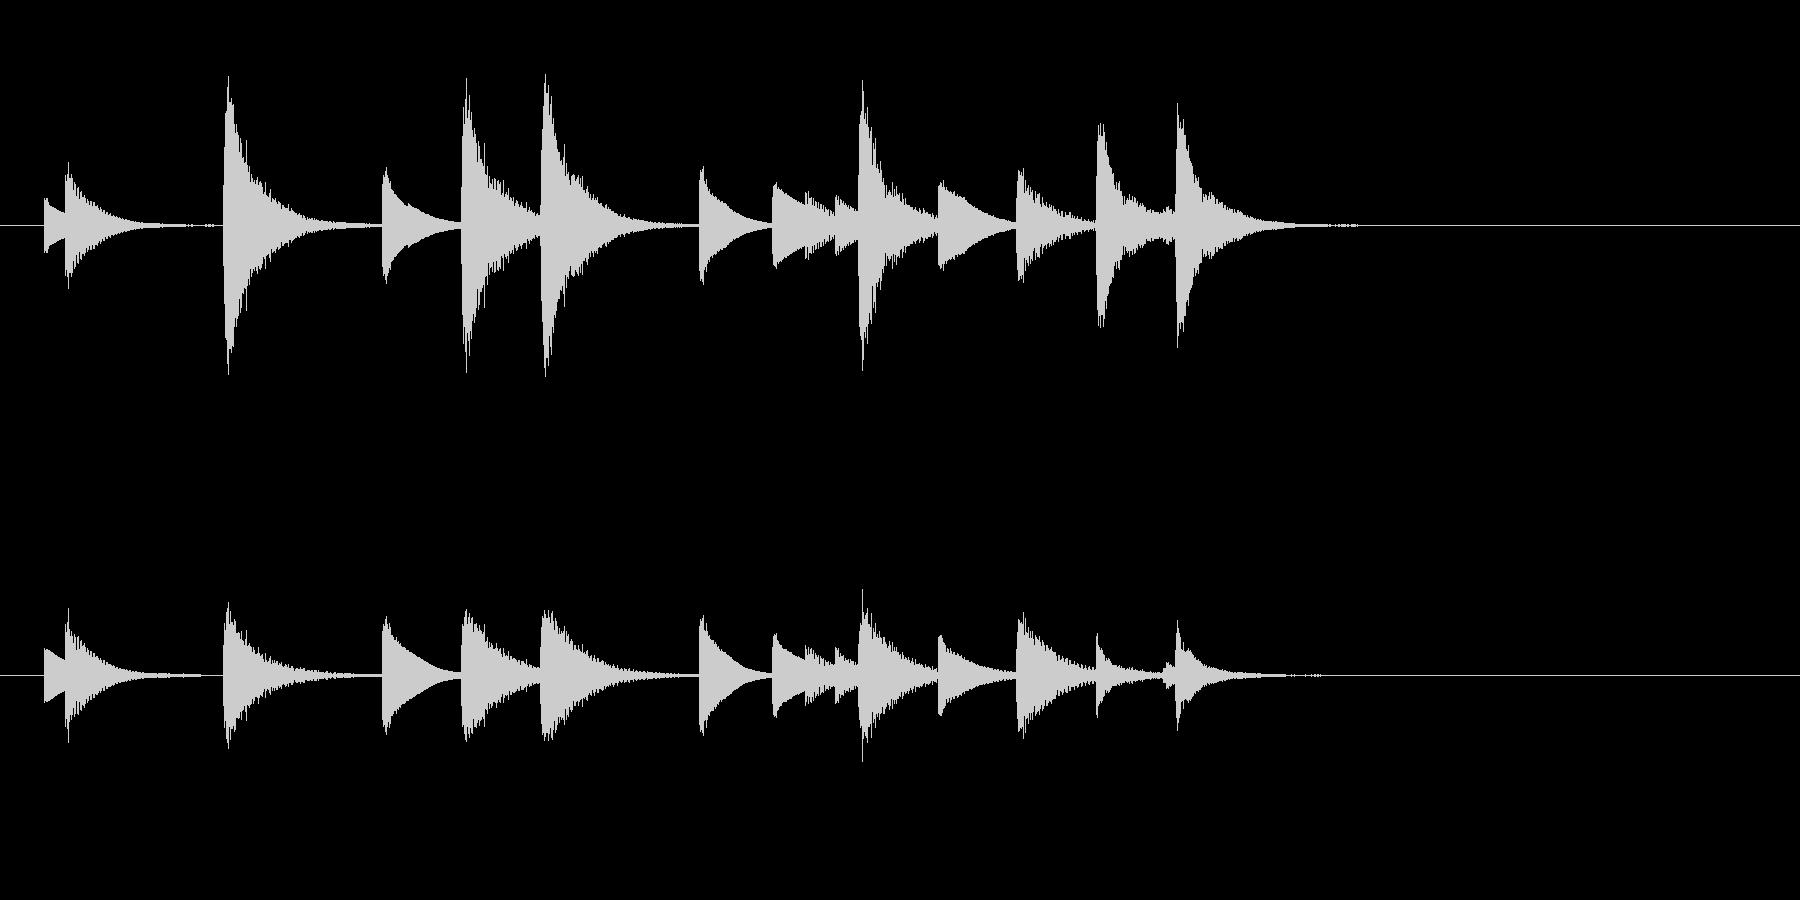 和風のめでたしめでたし的なジングルの未再生の波形